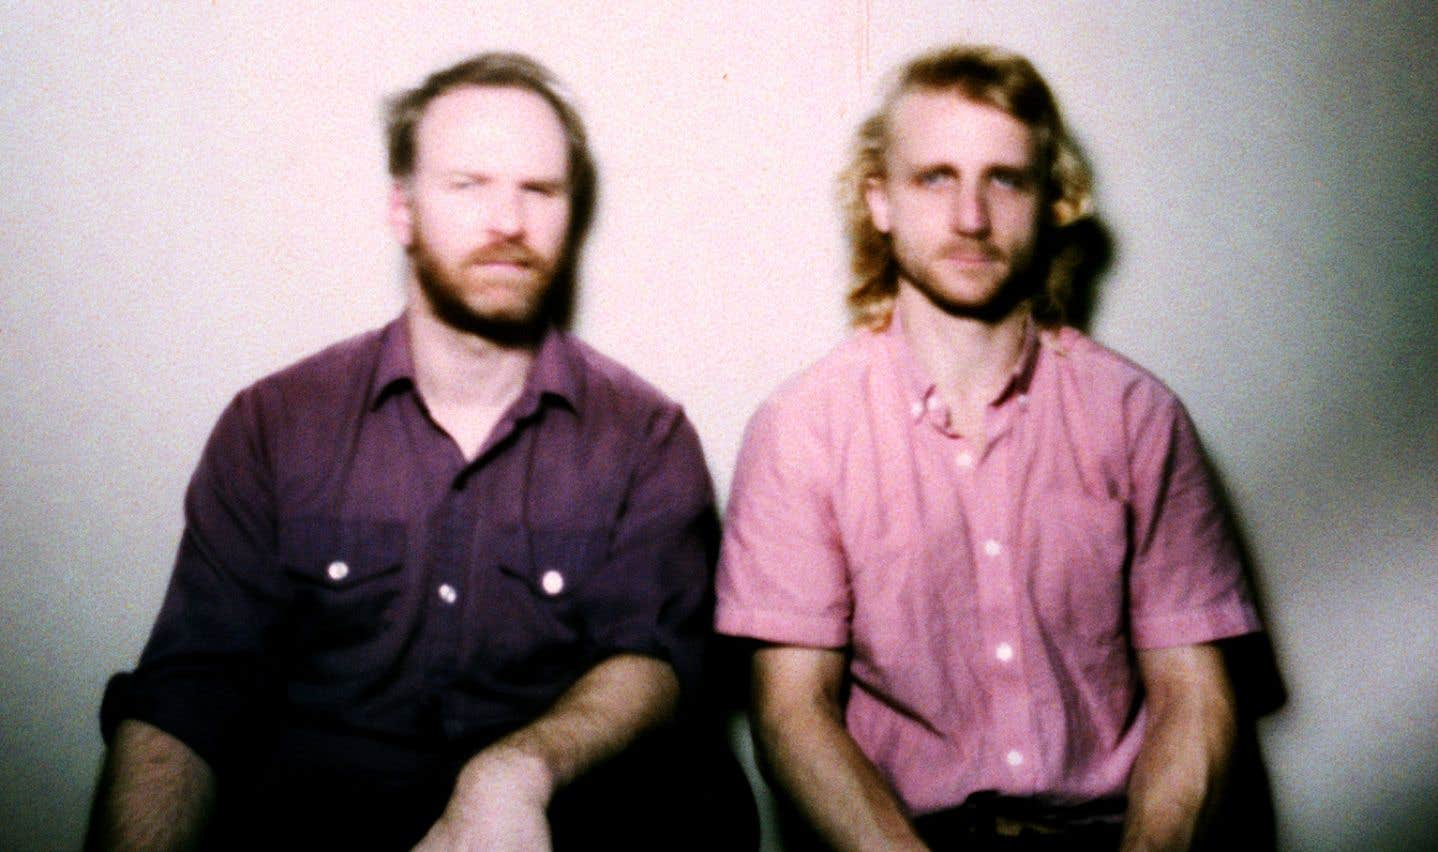 Les musiciens Stéphane Lafleur et Christophe Lamarche-Ledoux ont voulu pondre un album dans lequel on peut s'abandonner, avec les synthétiseurs comme instrument primaire.